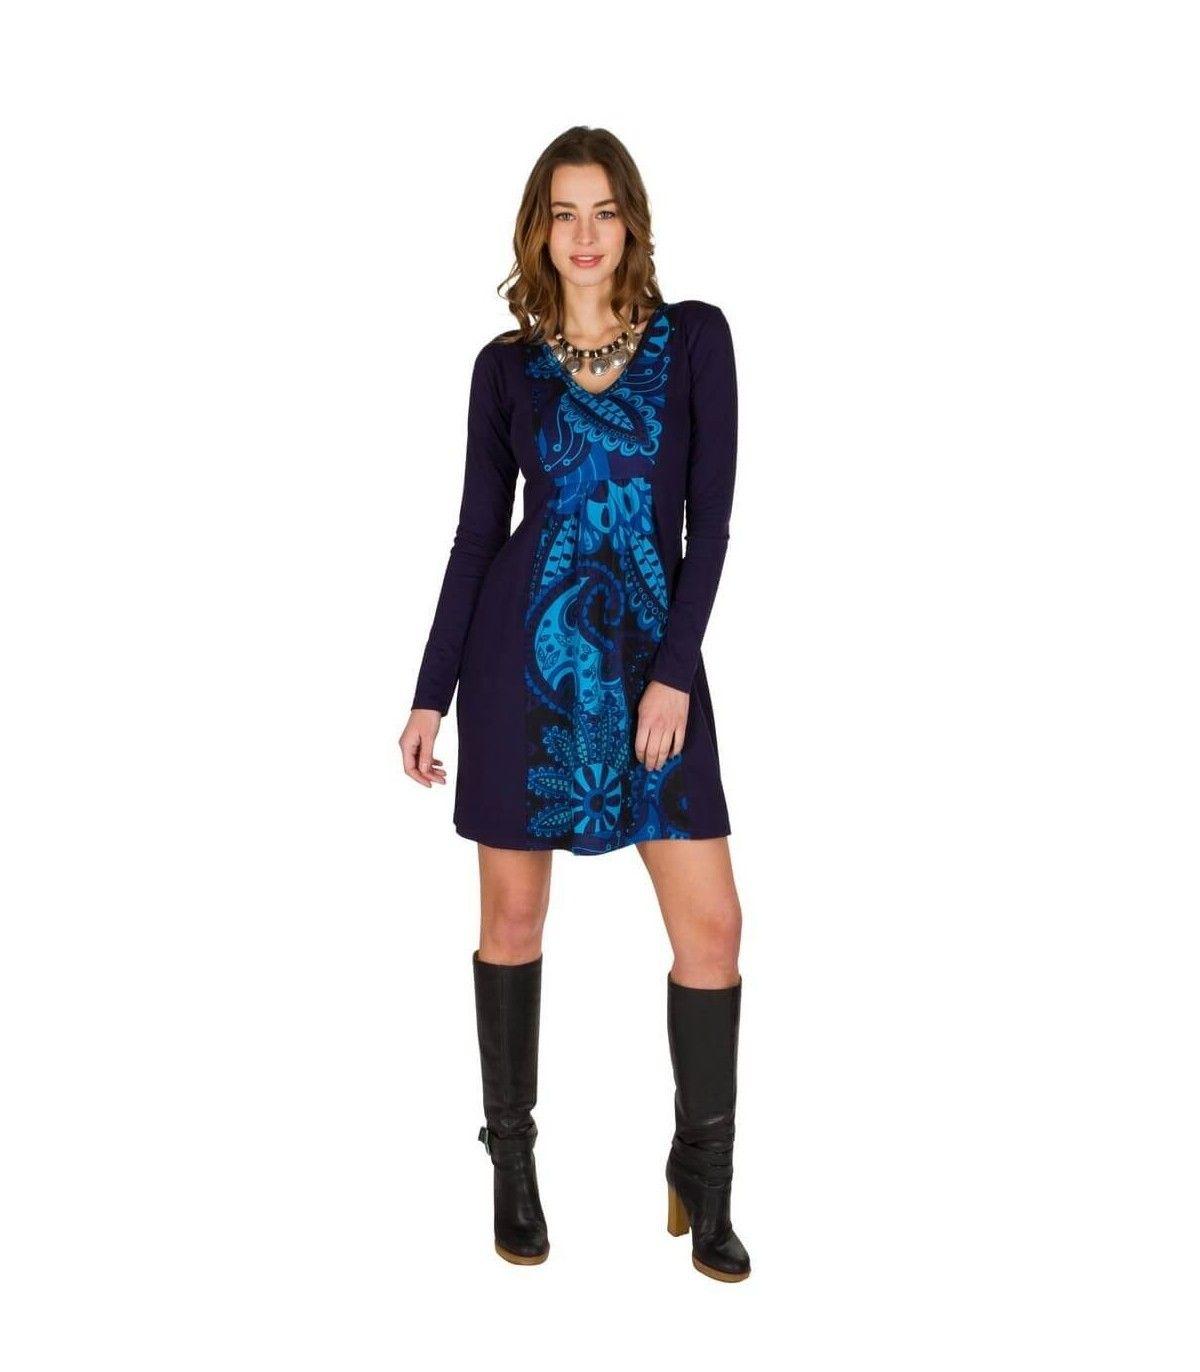 Abito corto blu | Abbigliamento autunno inverno